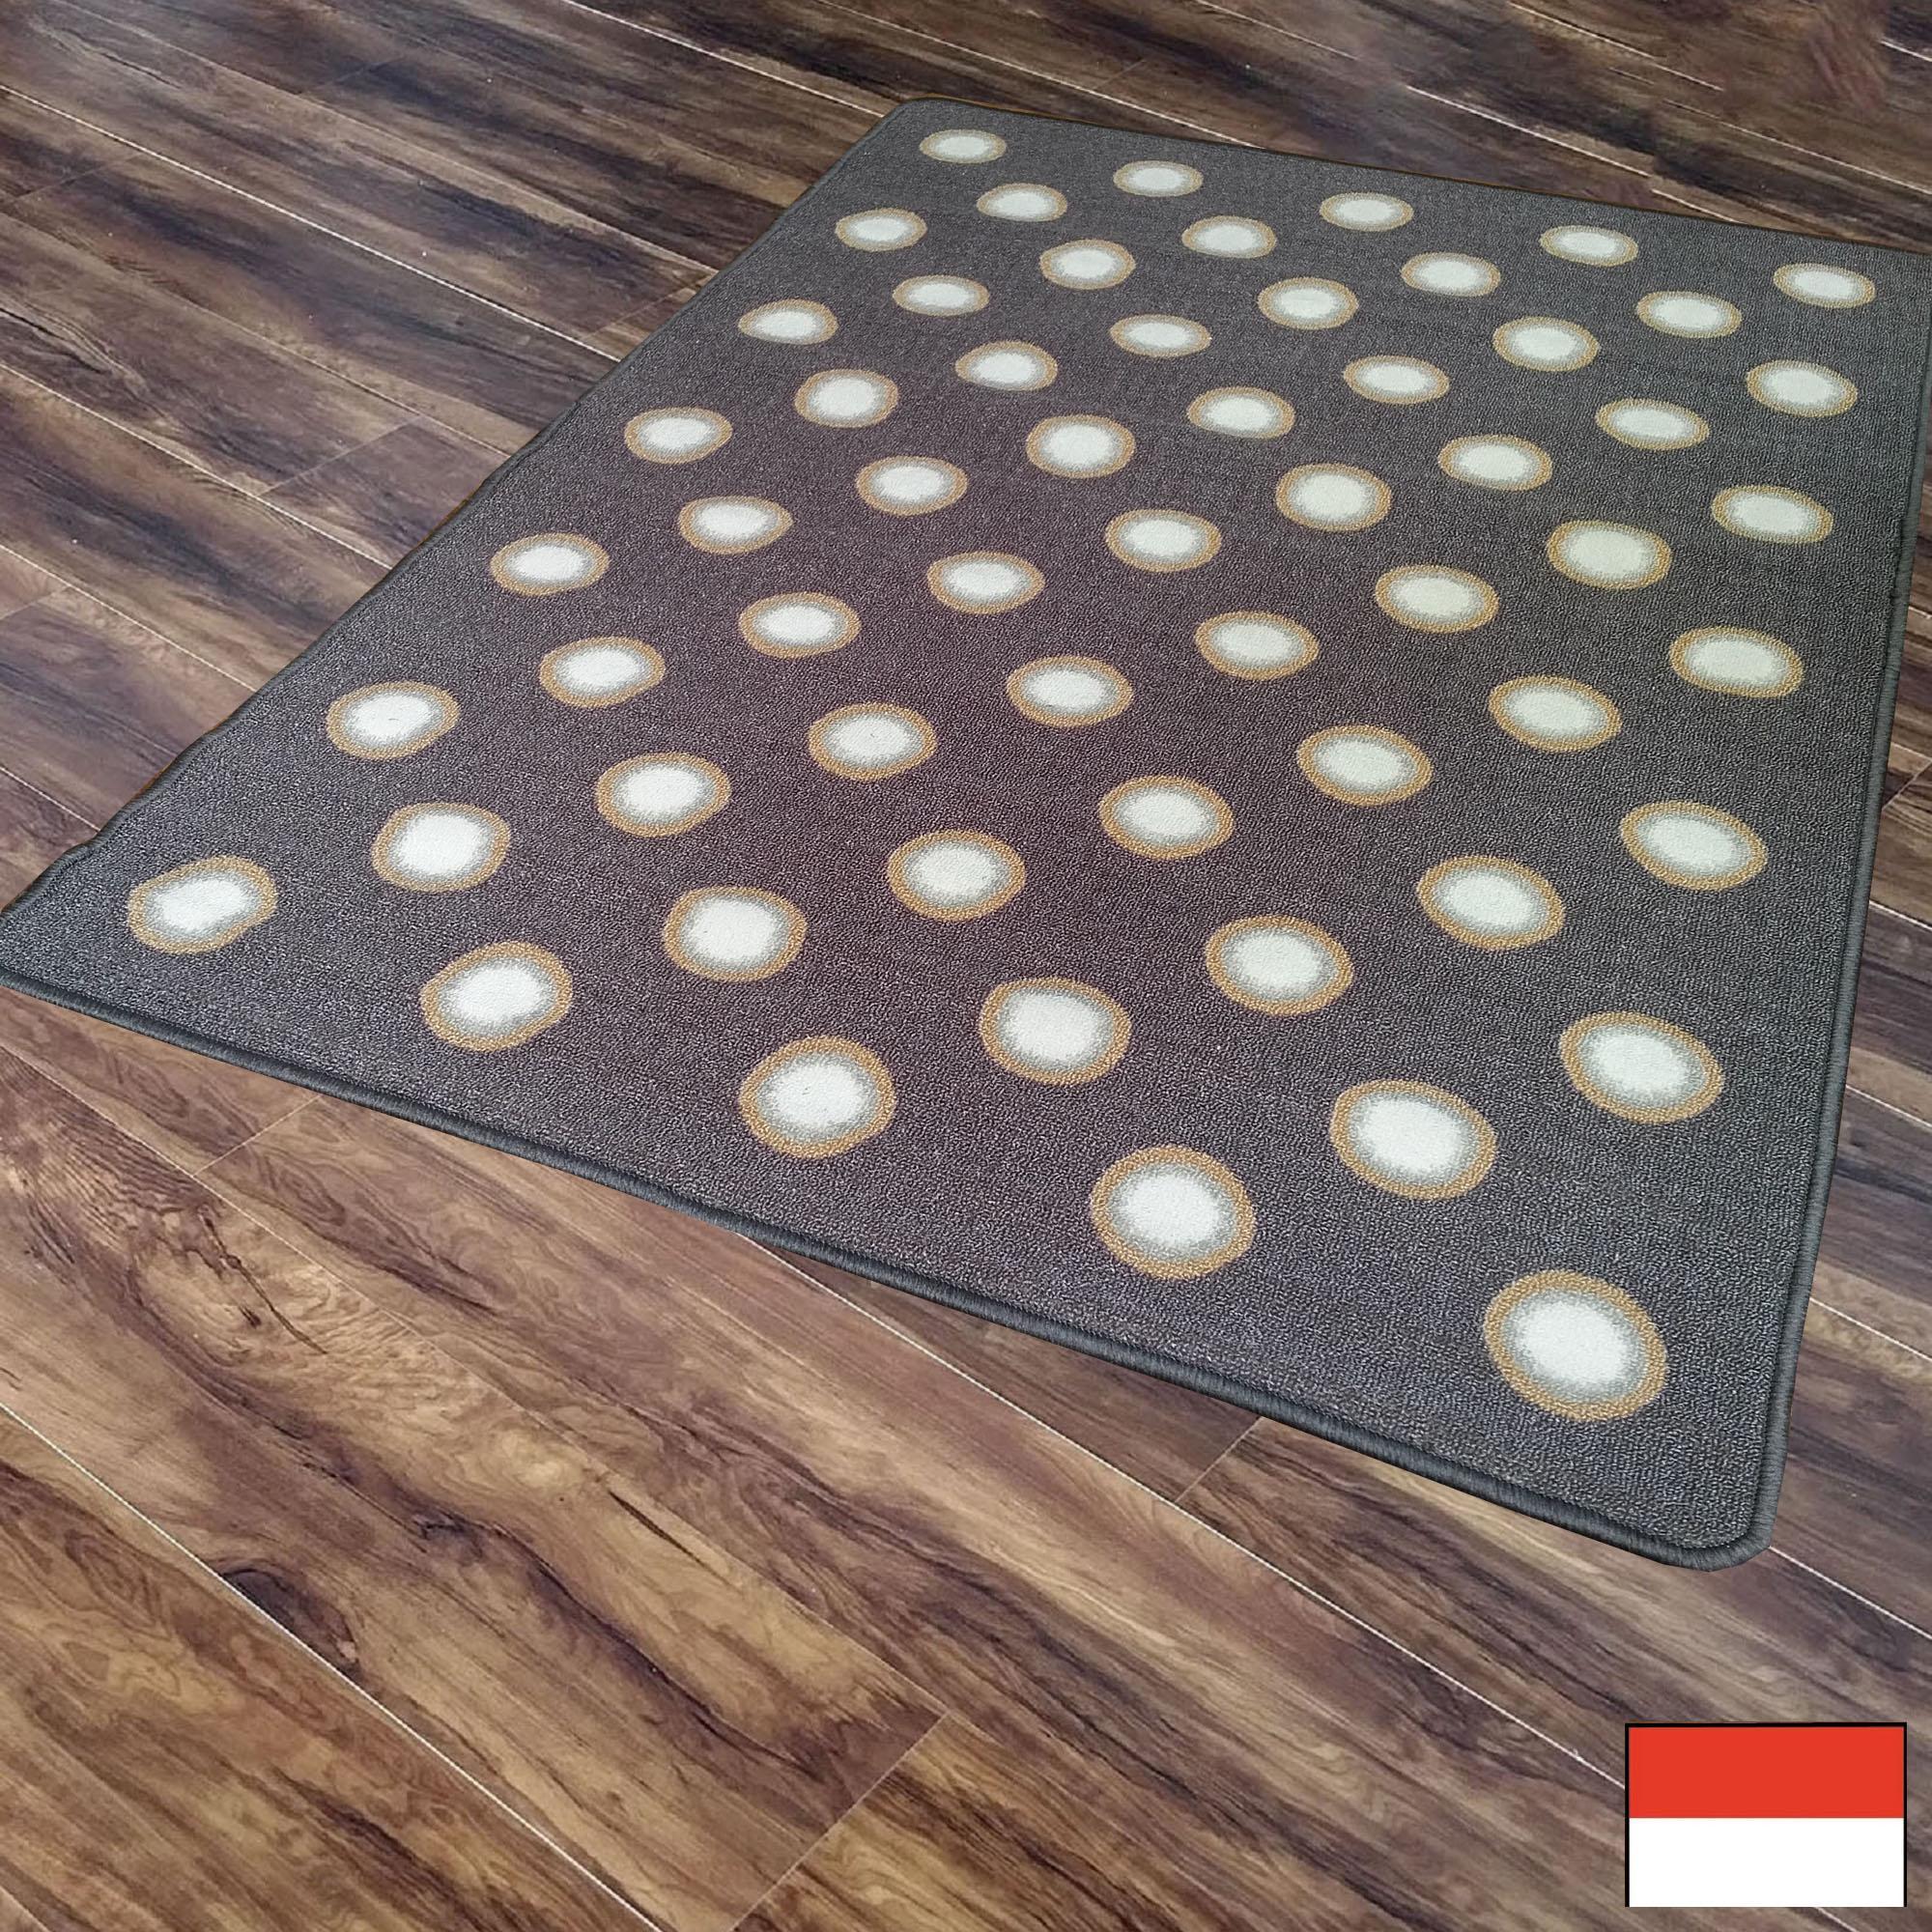 Tren-D-rugs Karpet Permadani Kamar Tidur / Ruang Tamu 100 cm x 140